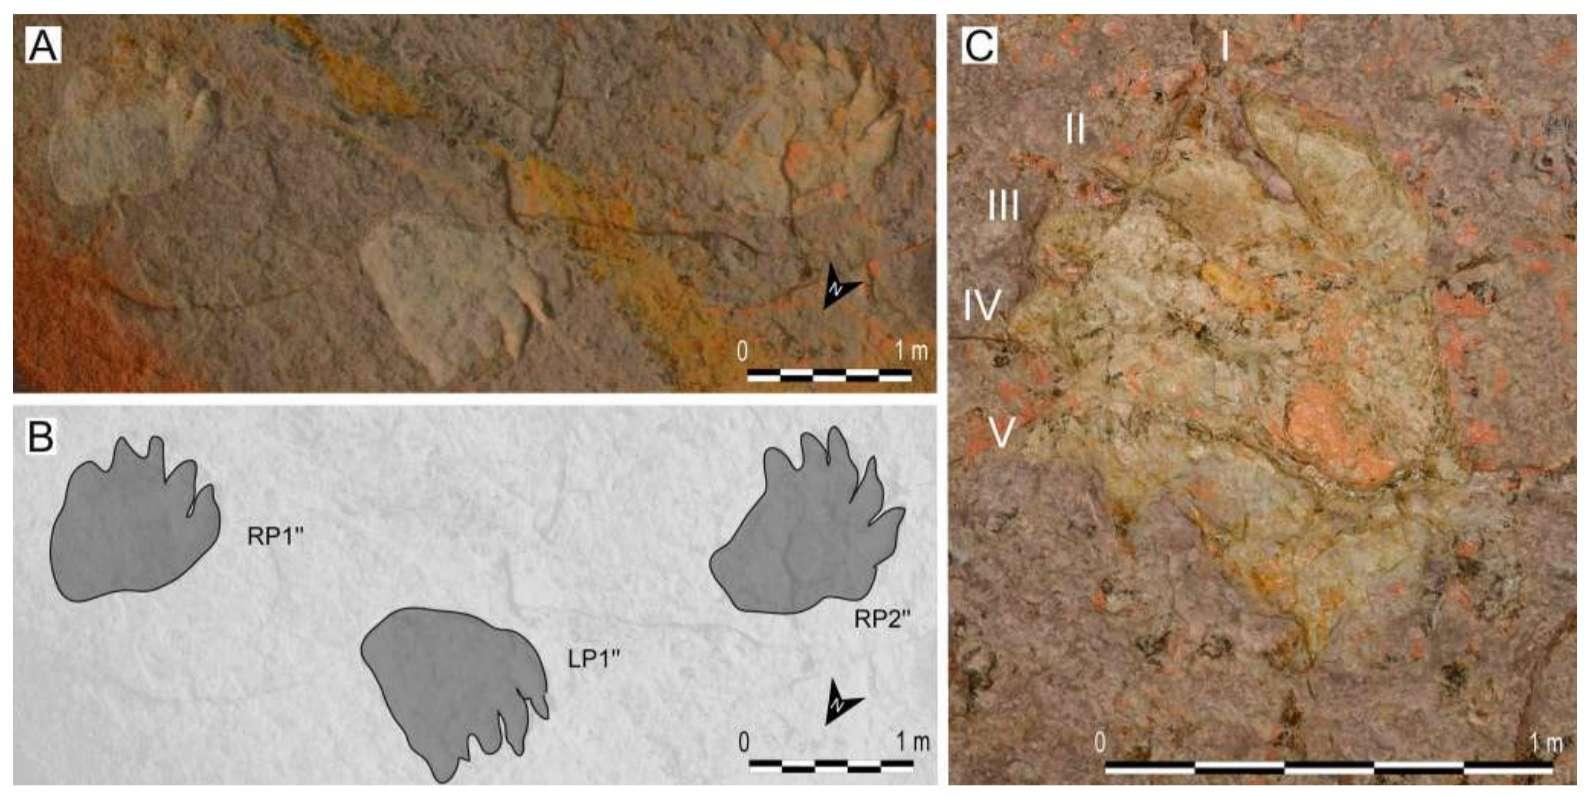 Photos et image de la piste d'empreintes CAS-3. Sur la photo A, des empreintes texturées en 3D assorties d'une échelle. Sur l'image B, un croquis d'interprétation. Et sur la photo C, un zoom sur une trace de pied droit comportant cinq orteils numérotés. © Moreau et al., Journal of Vertebrate Paleontology